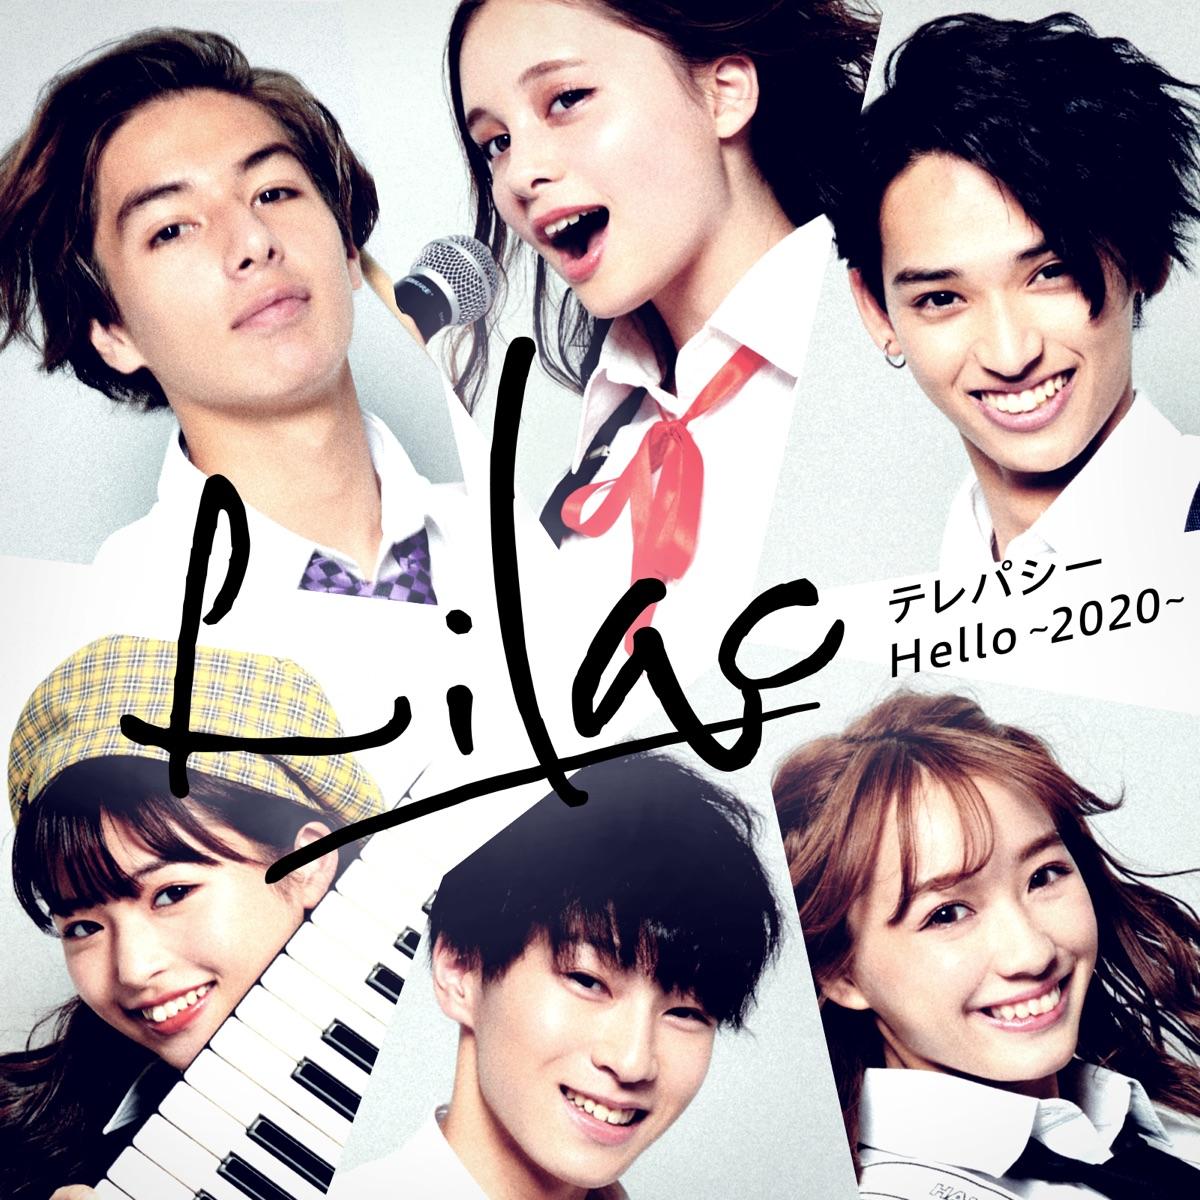 『恋ステバンド「Lilac」 - テレパシー』収録の『テレパシー/Hello ~2020~』ジャケット